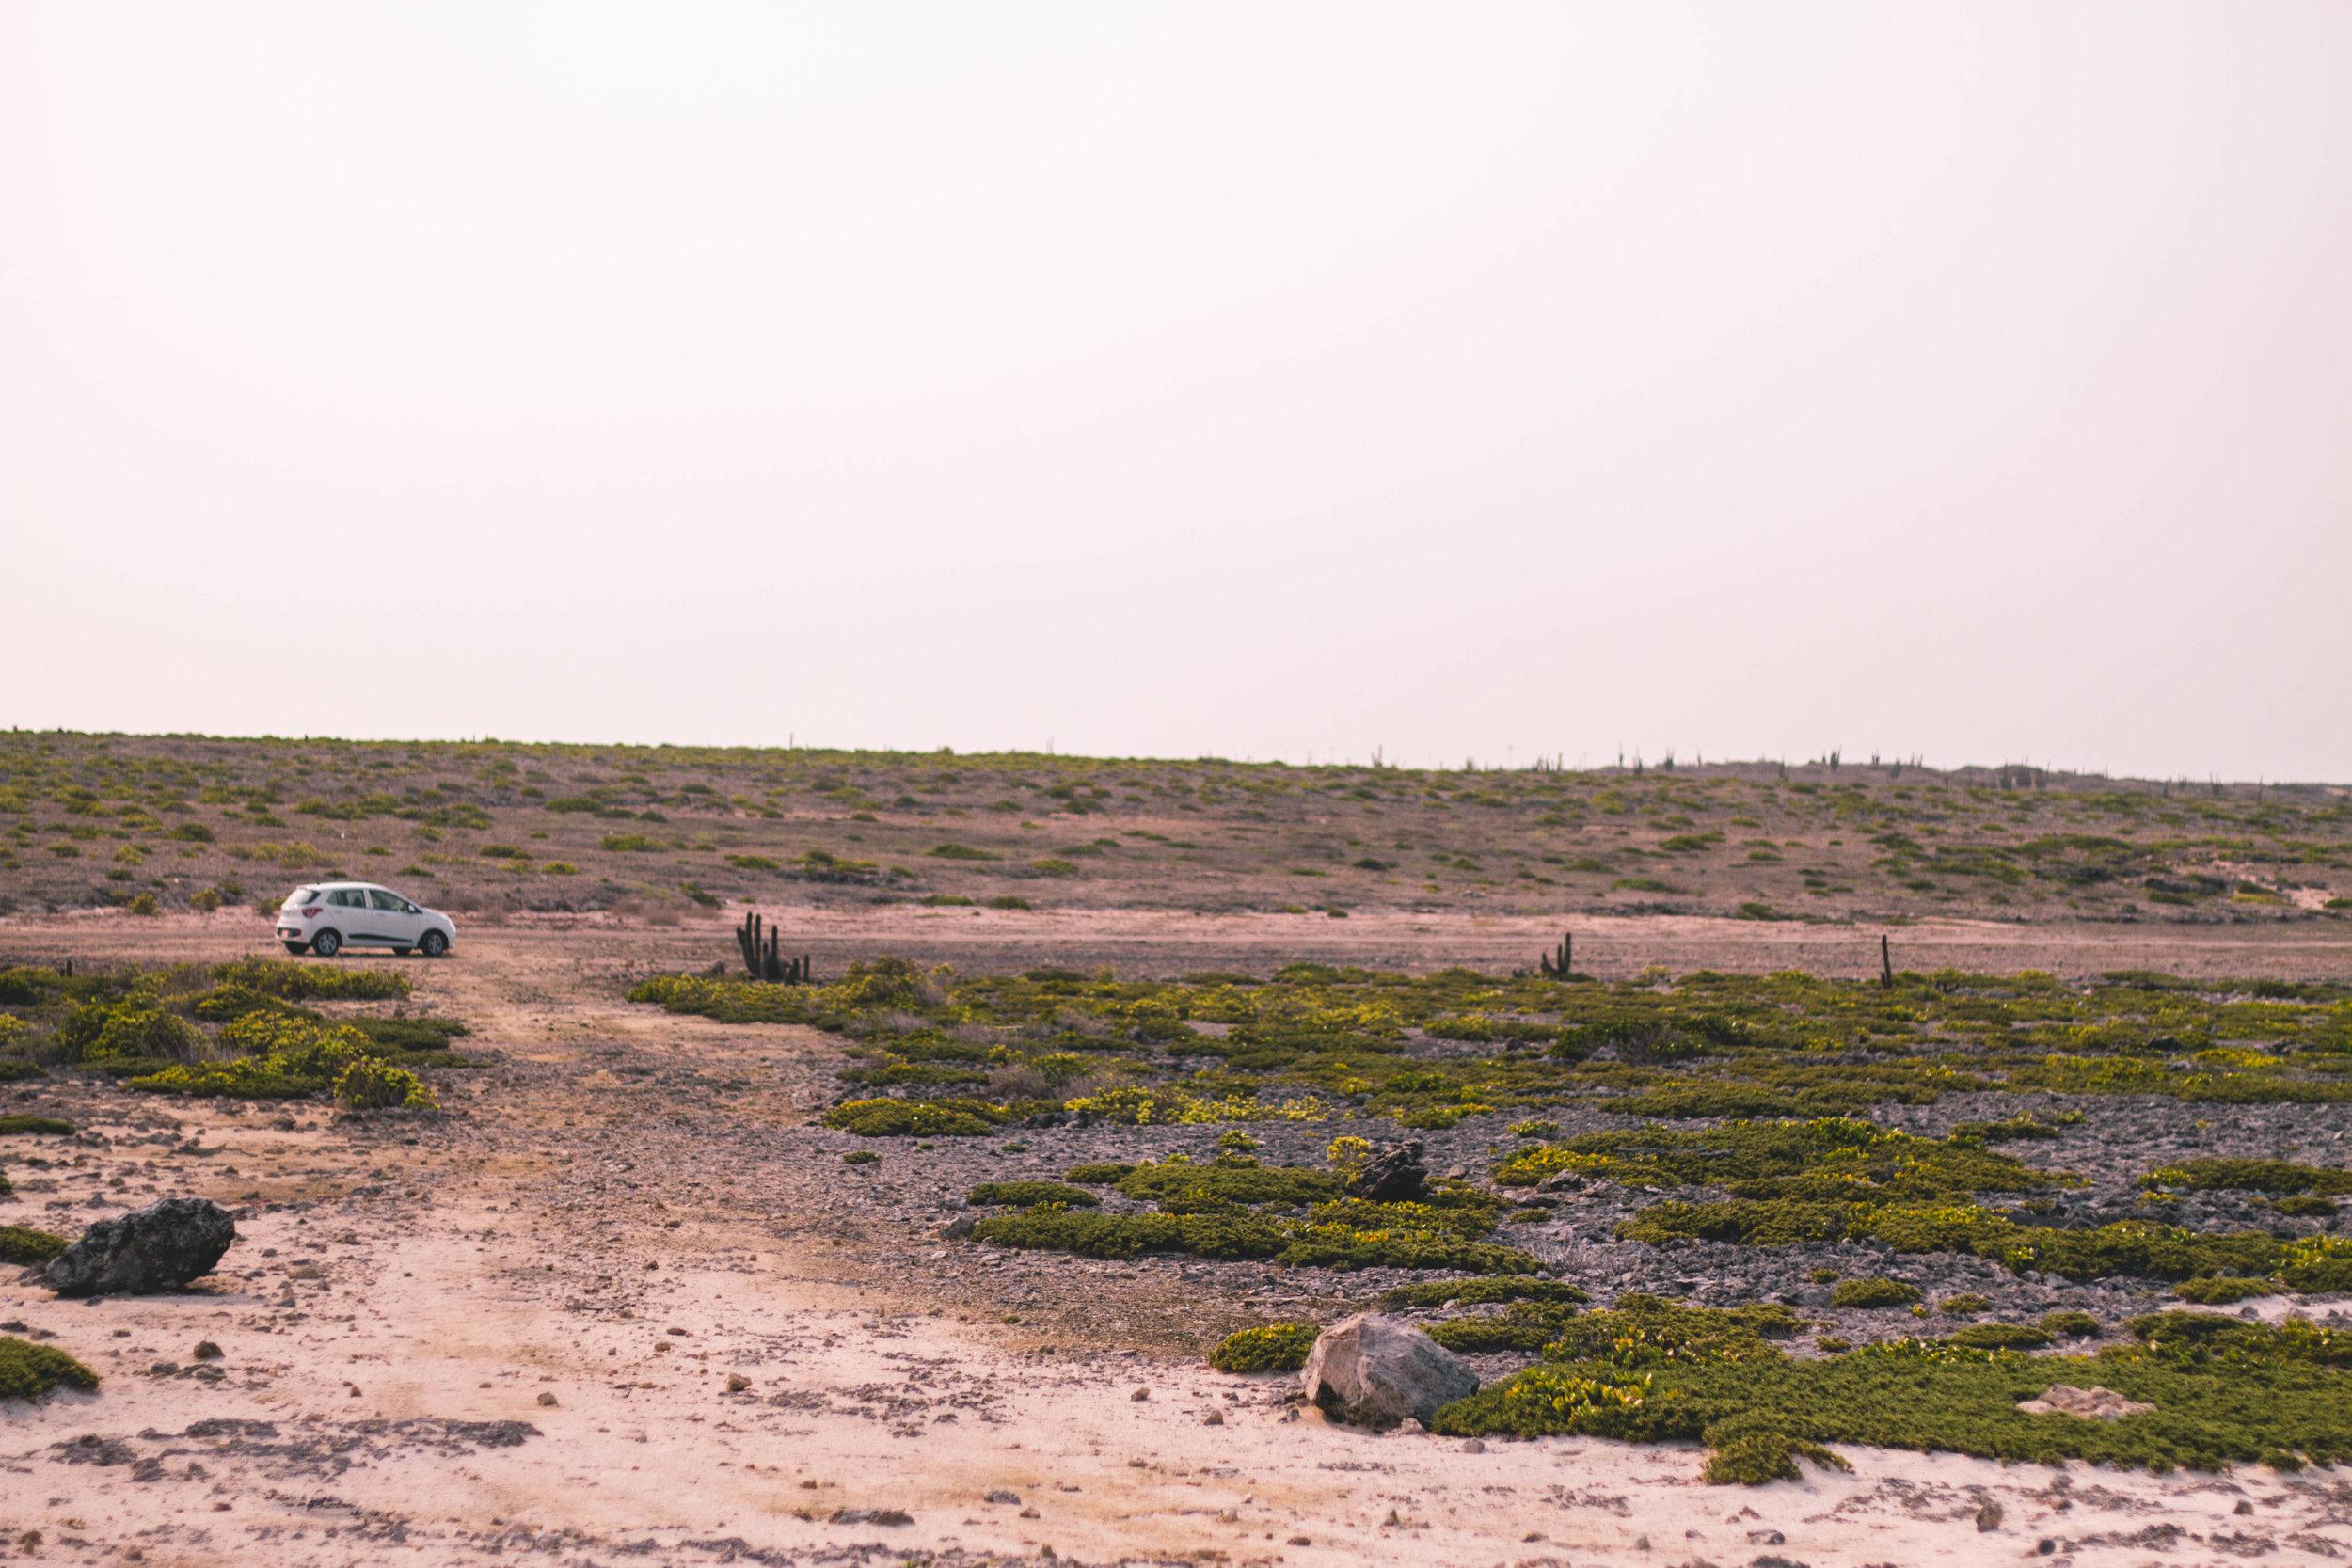 aruba 2019-126.jpg